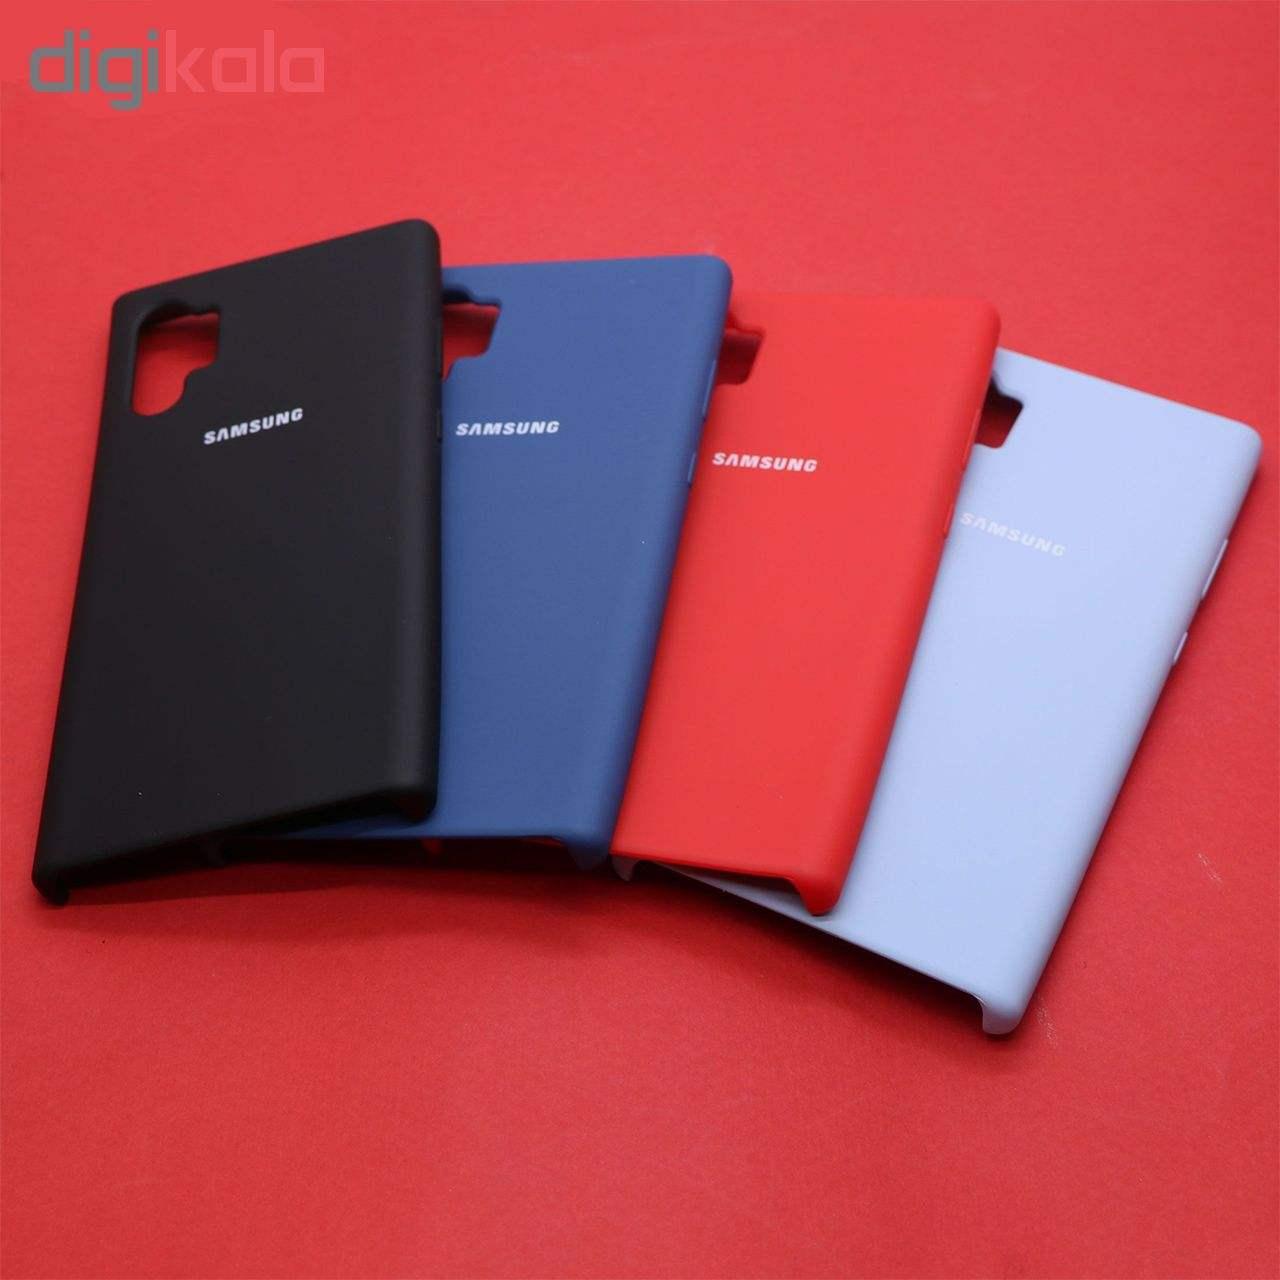 کاور مدل Sc-001 مناسب برای گوشی موبایل سامسونگ Galaxy Note 10 Plus main 1 3